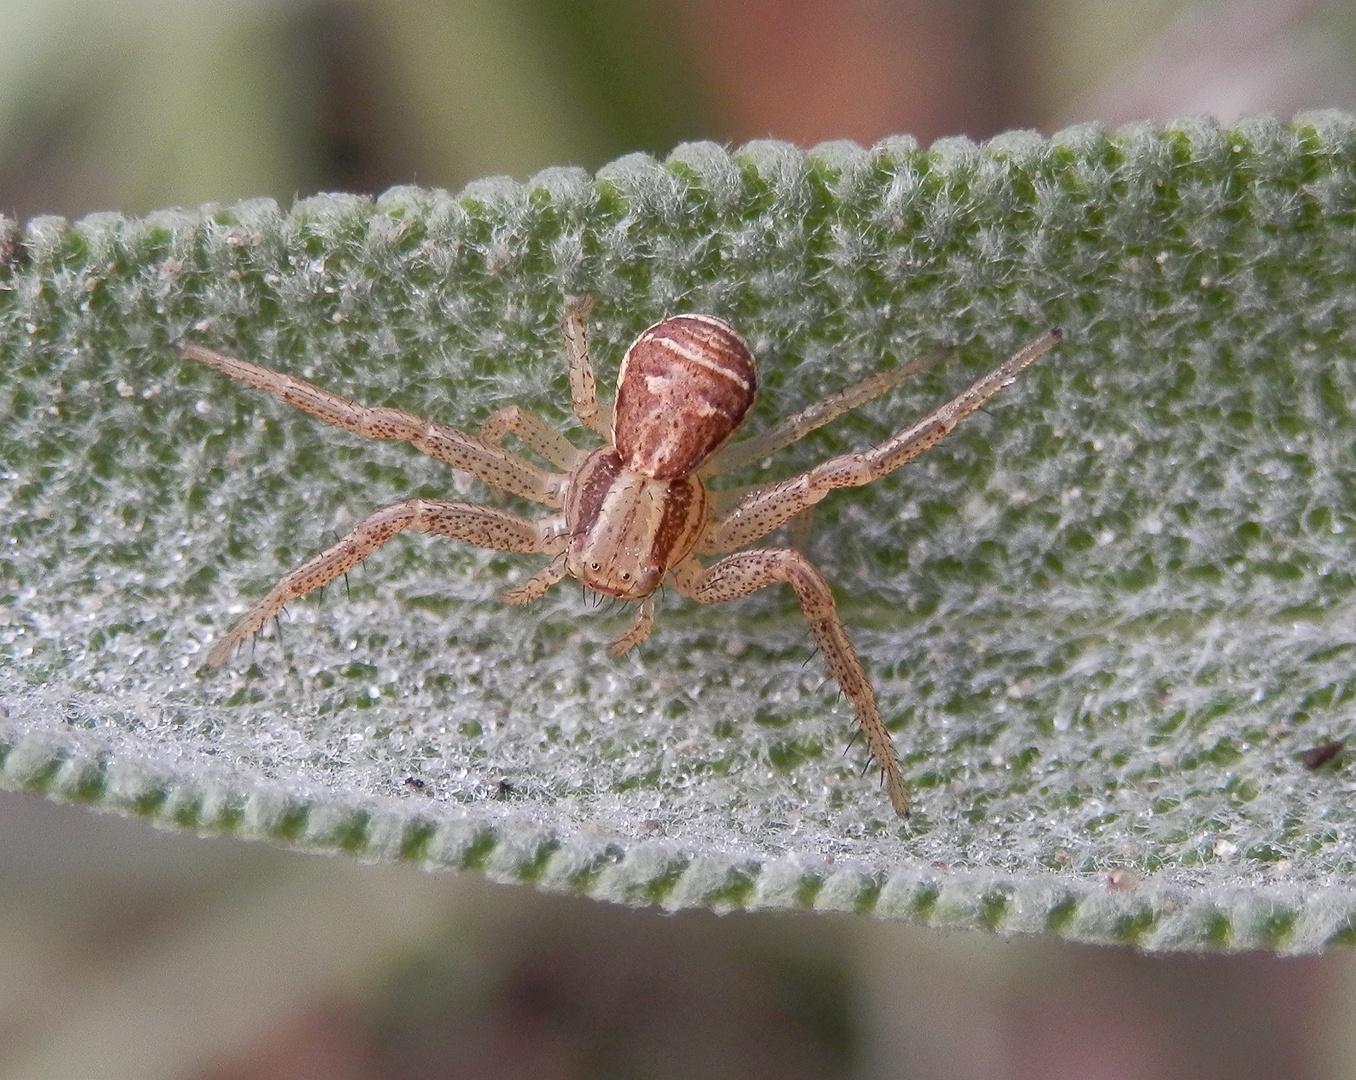 Braune Krabbenspinne (Xysticus ulmi) auf der Lauer